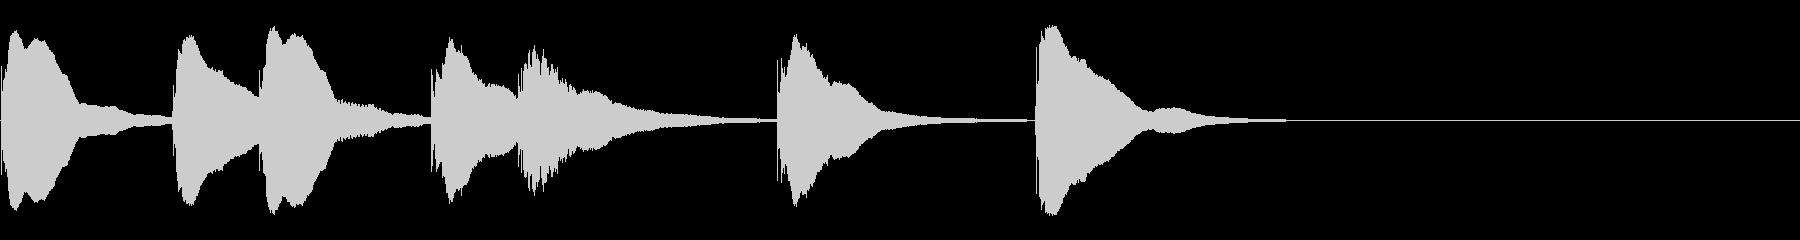 とてもシンプルでかわいい木琴おジングルの未再生の波形